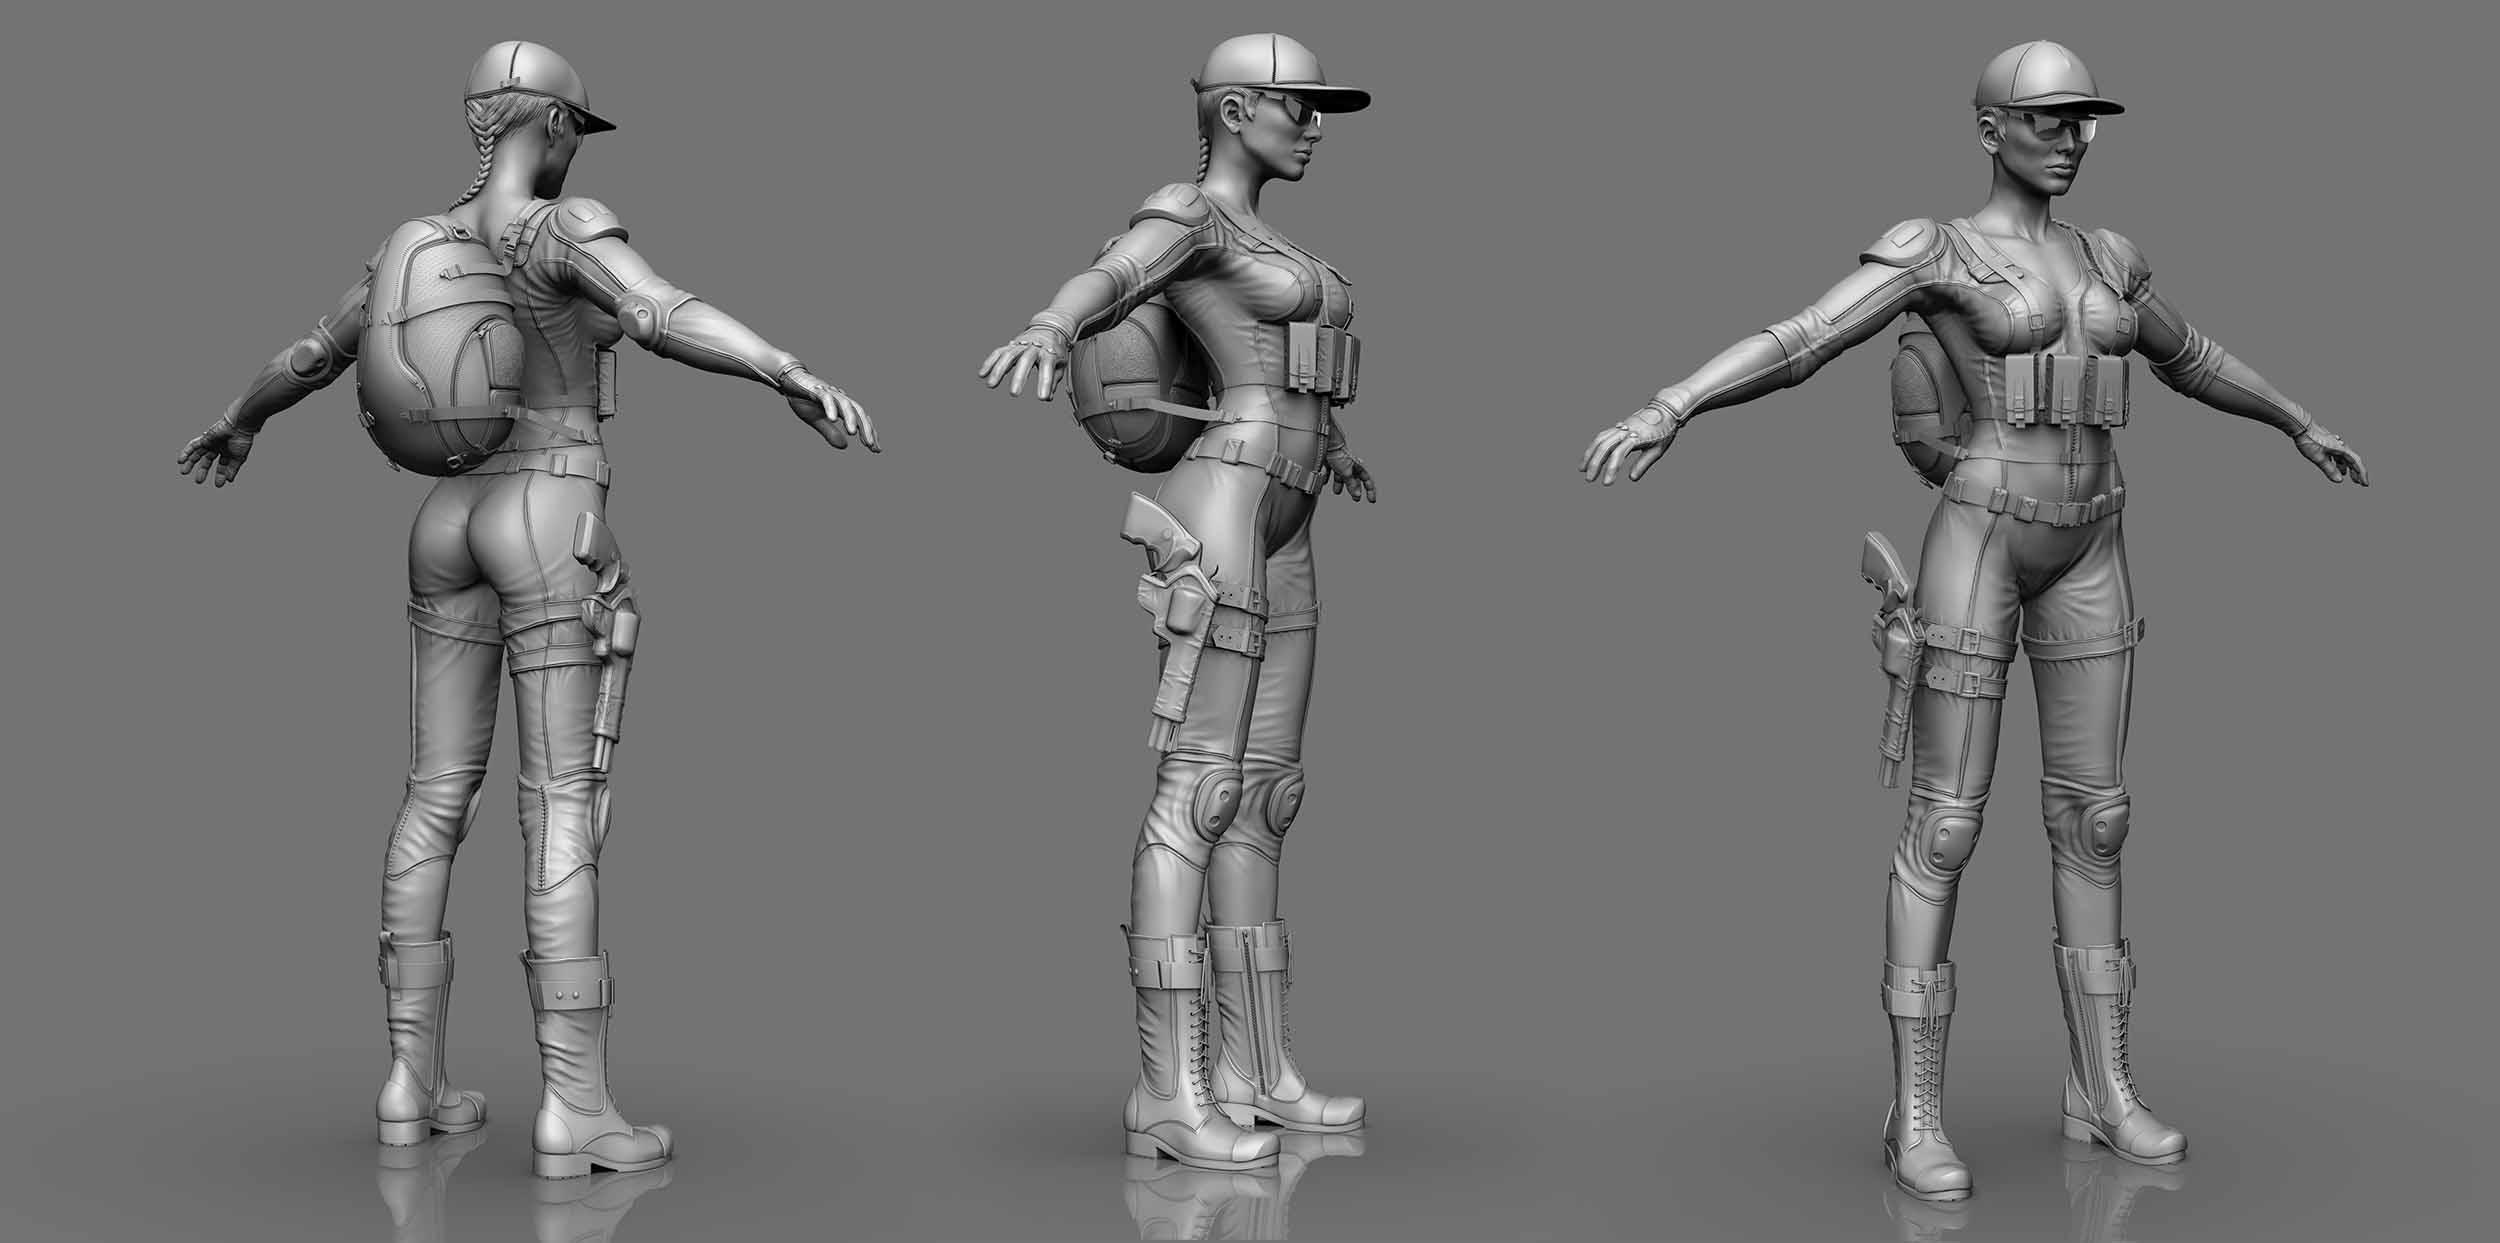 Ash | 3D 2D Artist.Game Low-poly,sculpting (Персонажи,окружение и тд)